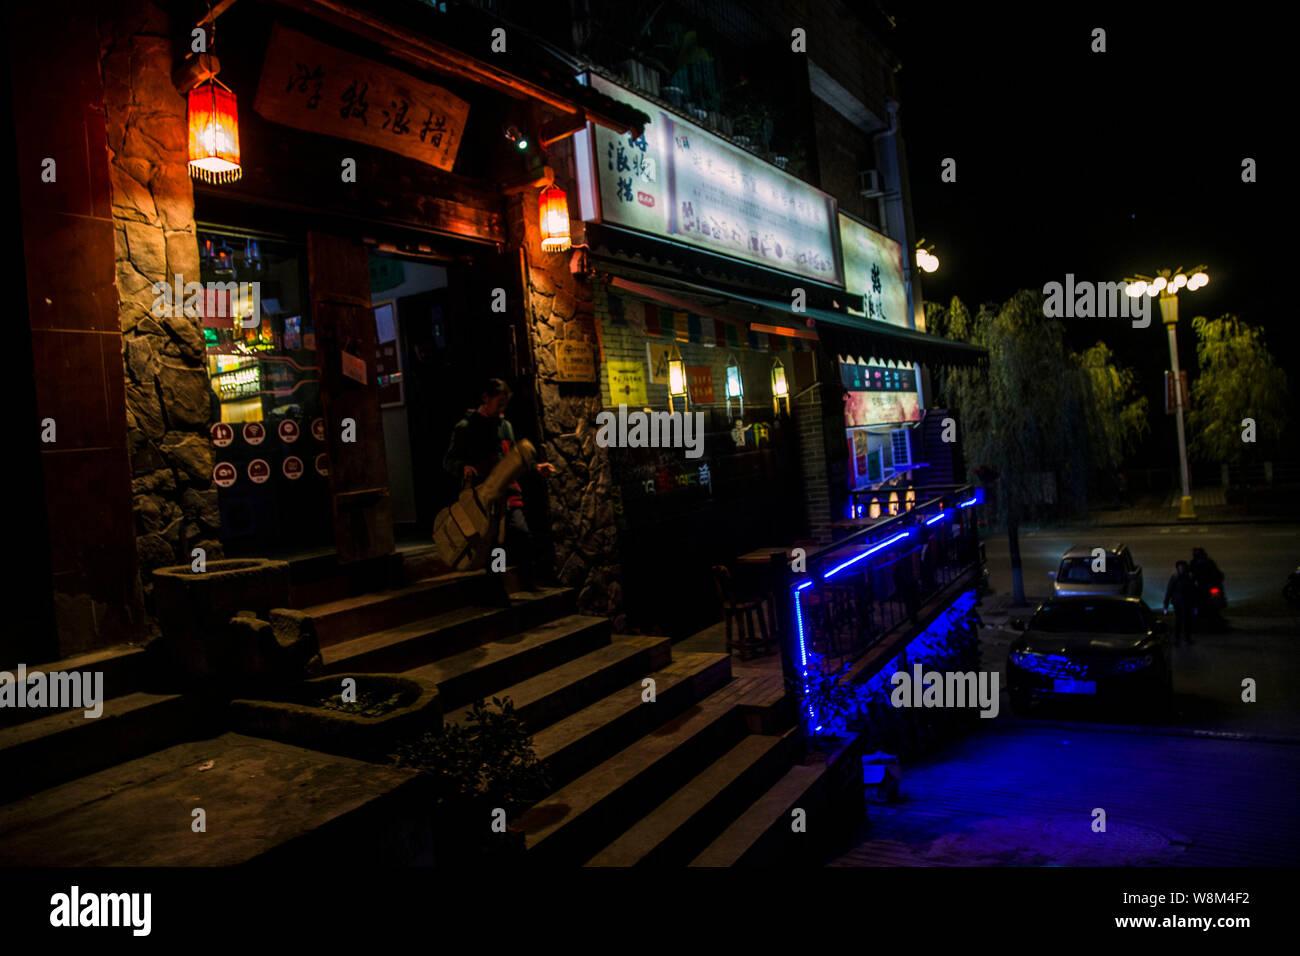 Ancianos mujer chino Cai Yuanxiu llevando su guitarra deja un pub en Yunyang County, Chongqing, China, el 11 de enero de 2016. Mujer chino Cai Yuanxiu i Foto de stock